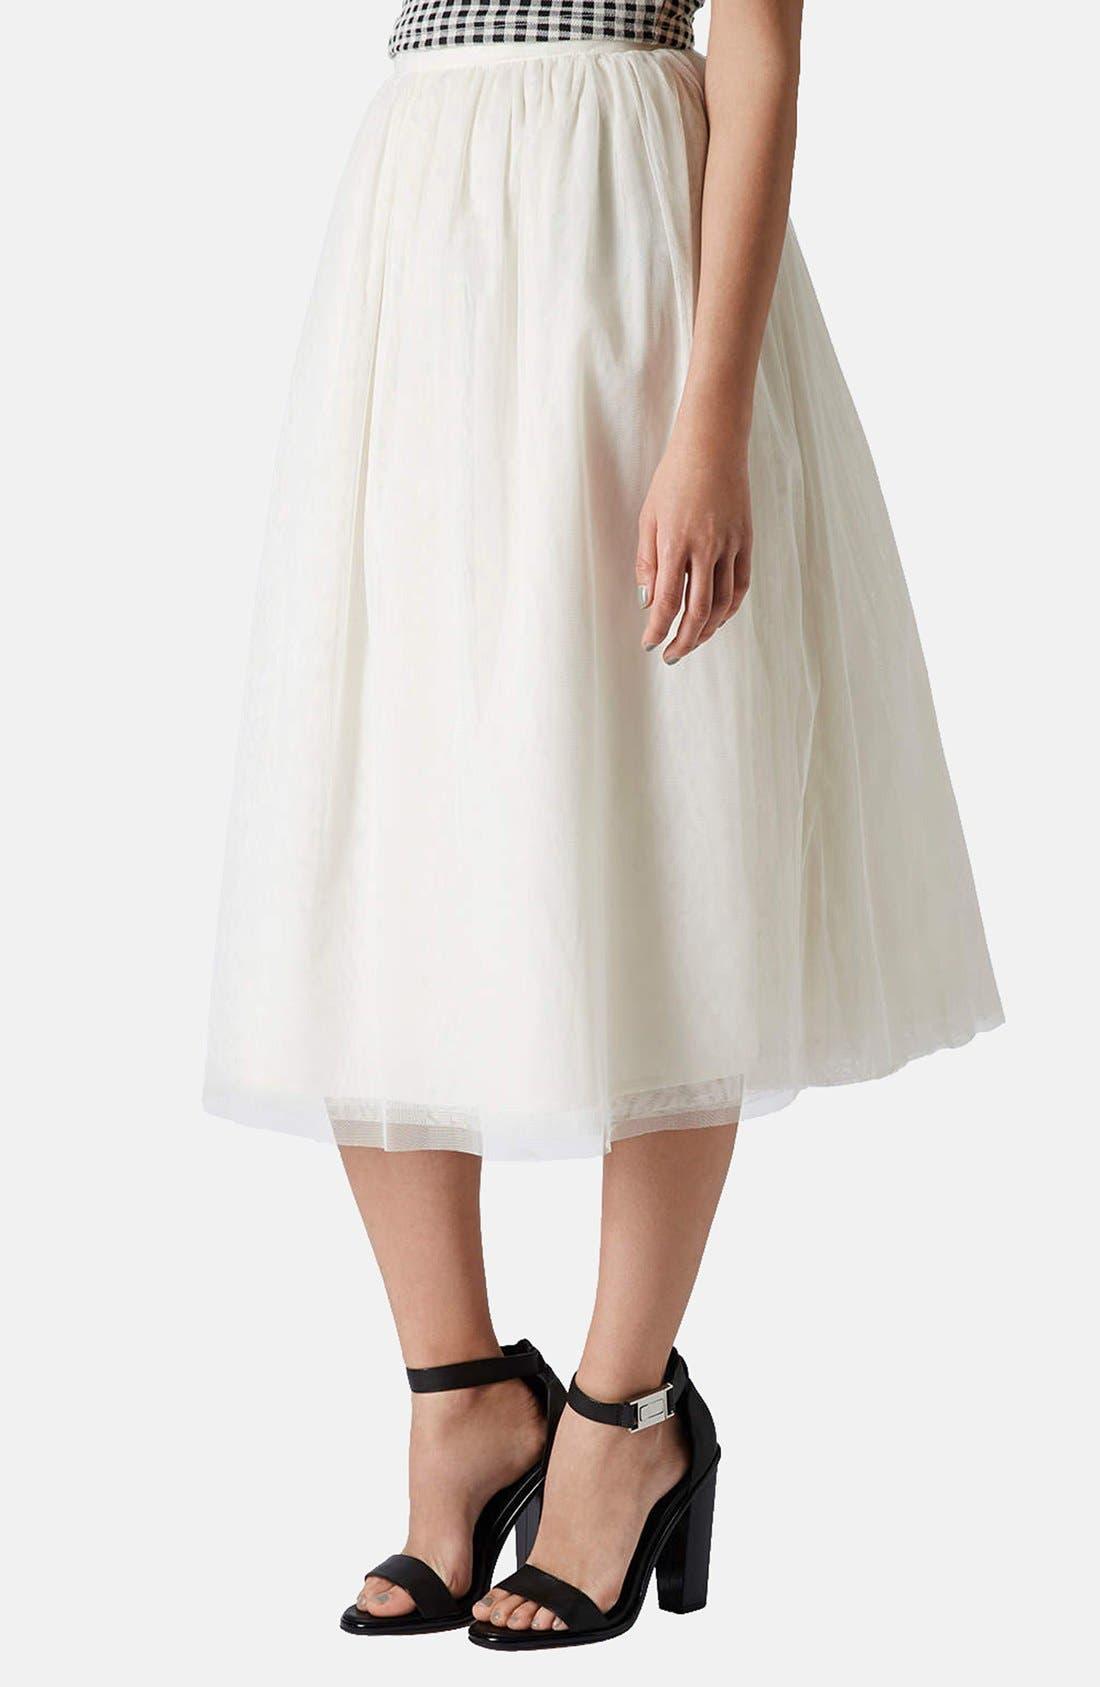 Alternate Image 1 Selected - Topshop 'Ballerina Prom' Tulle Midi Skirt